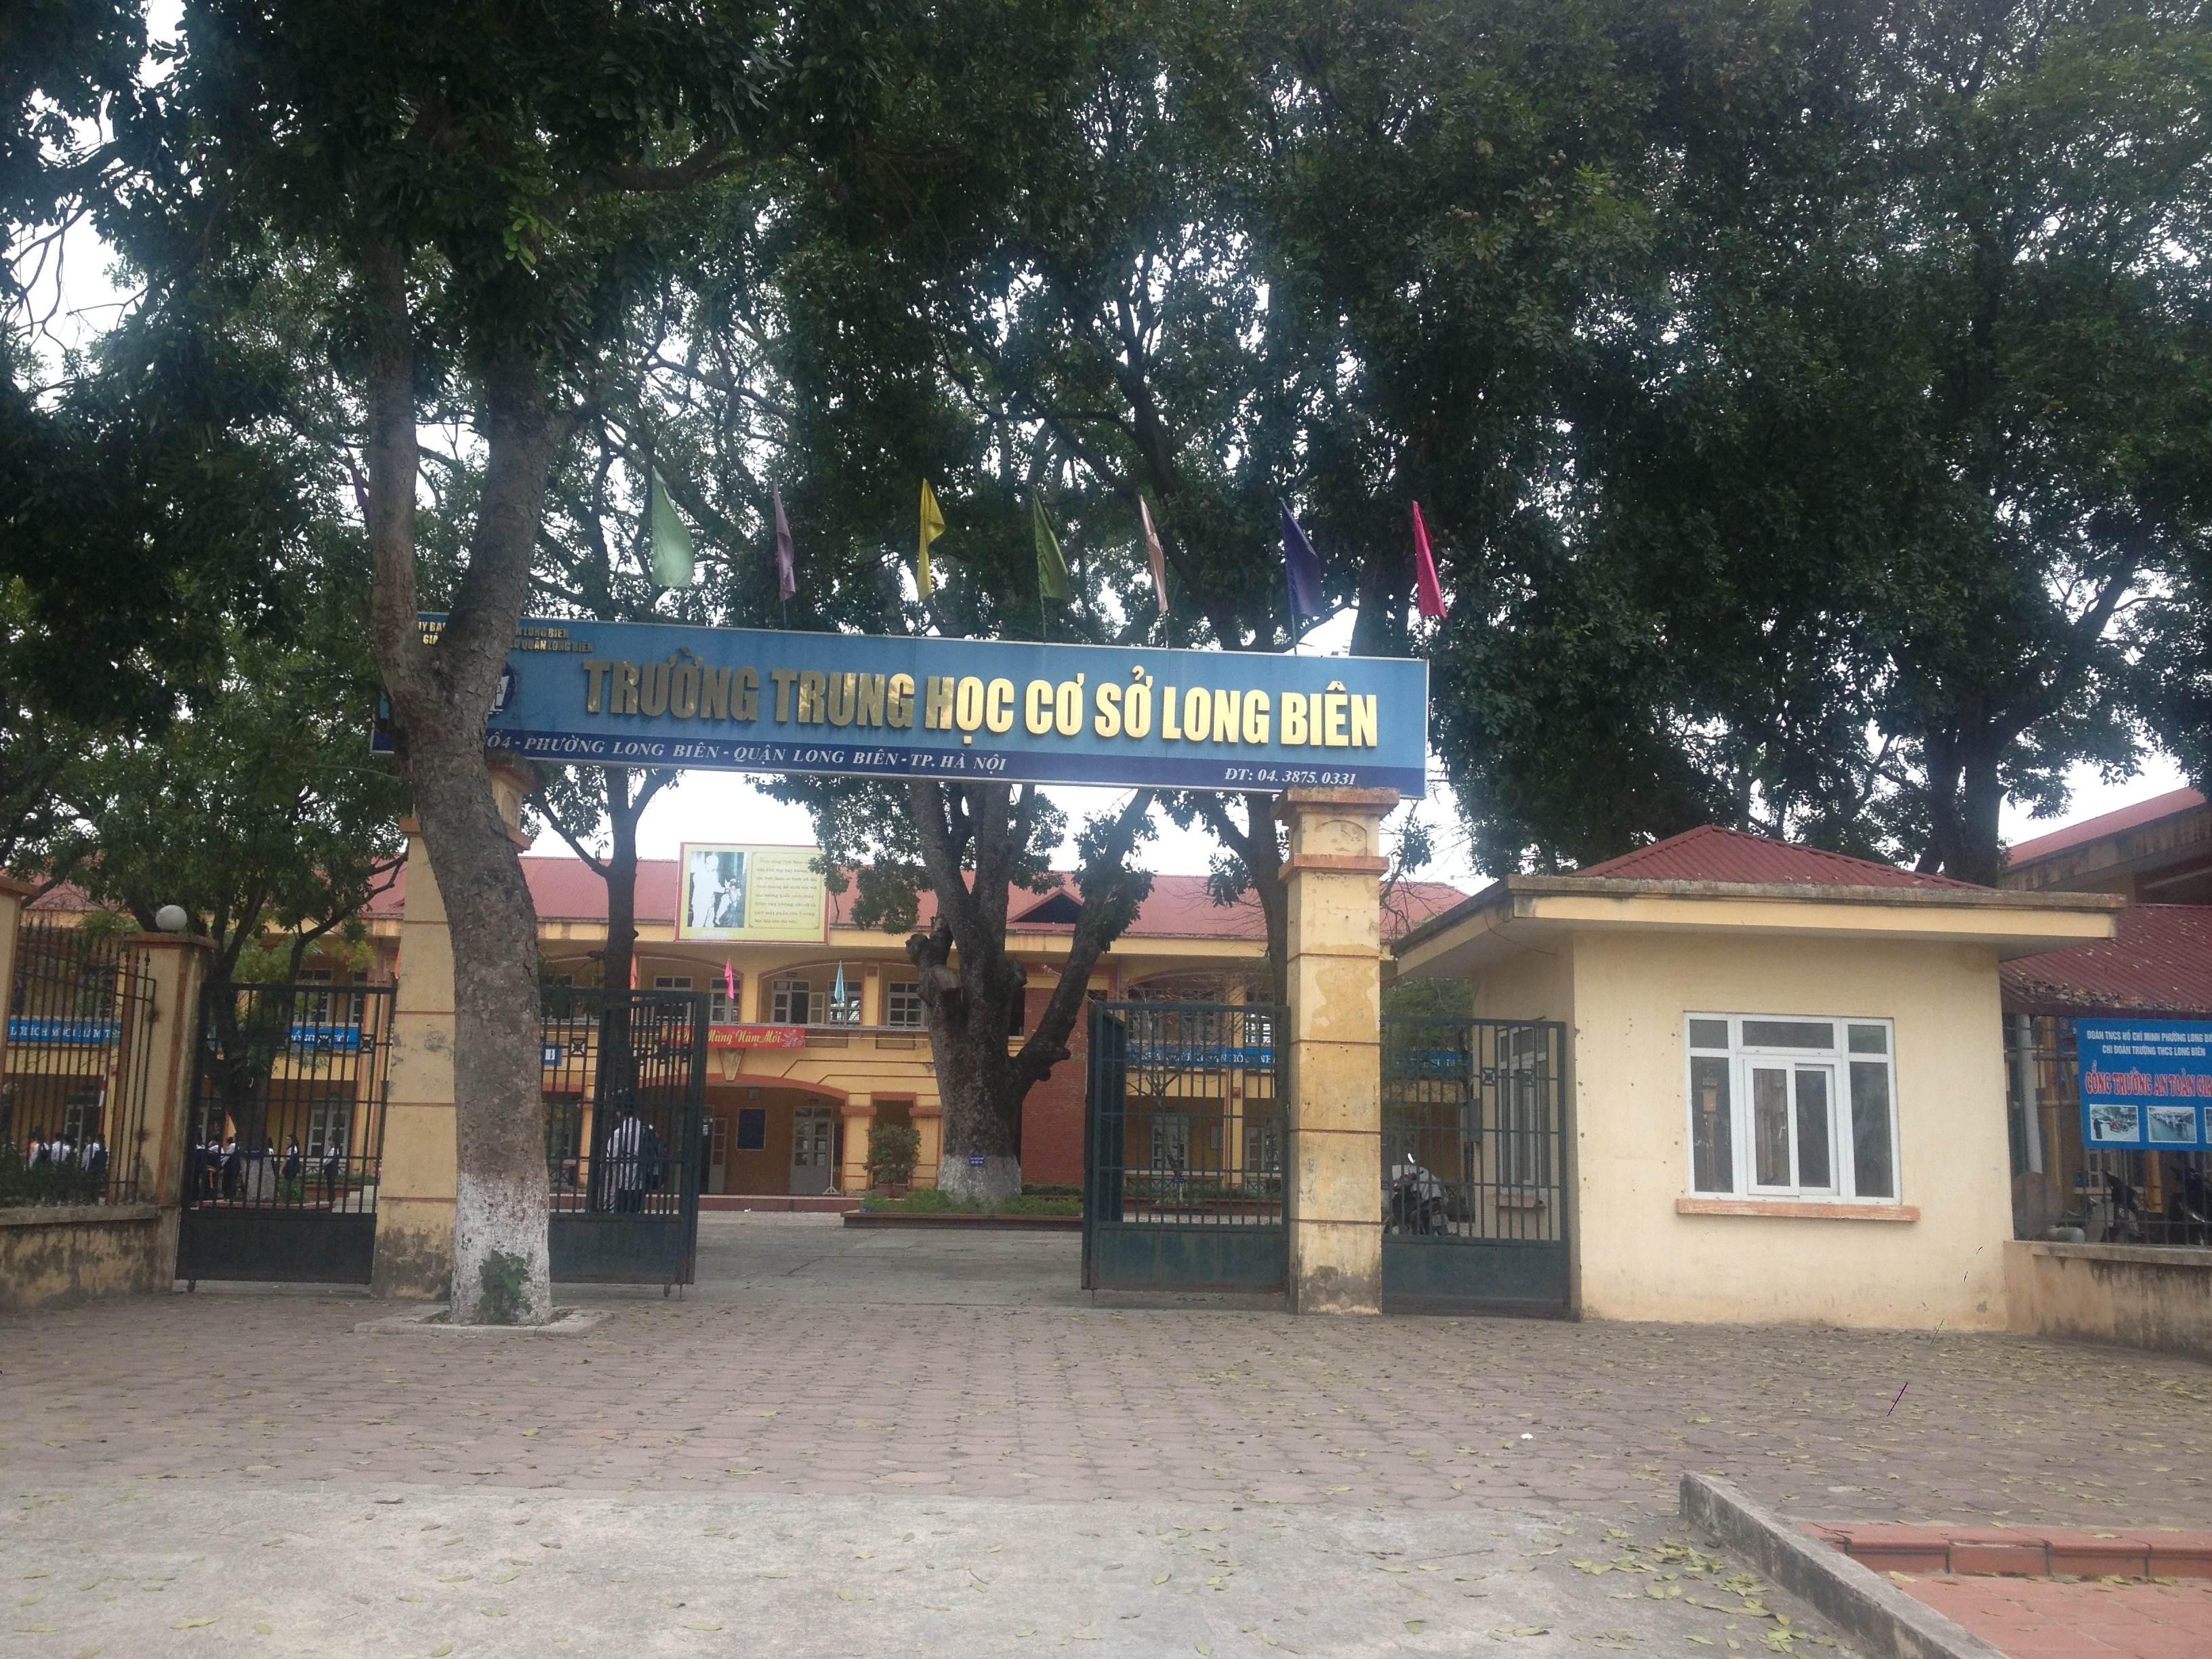 Trường THCS Long Biên, quận Long Biên, Hà Nội (Ảnh: Phòng Giáo Dục và Đào Tạo quận Long Biên)